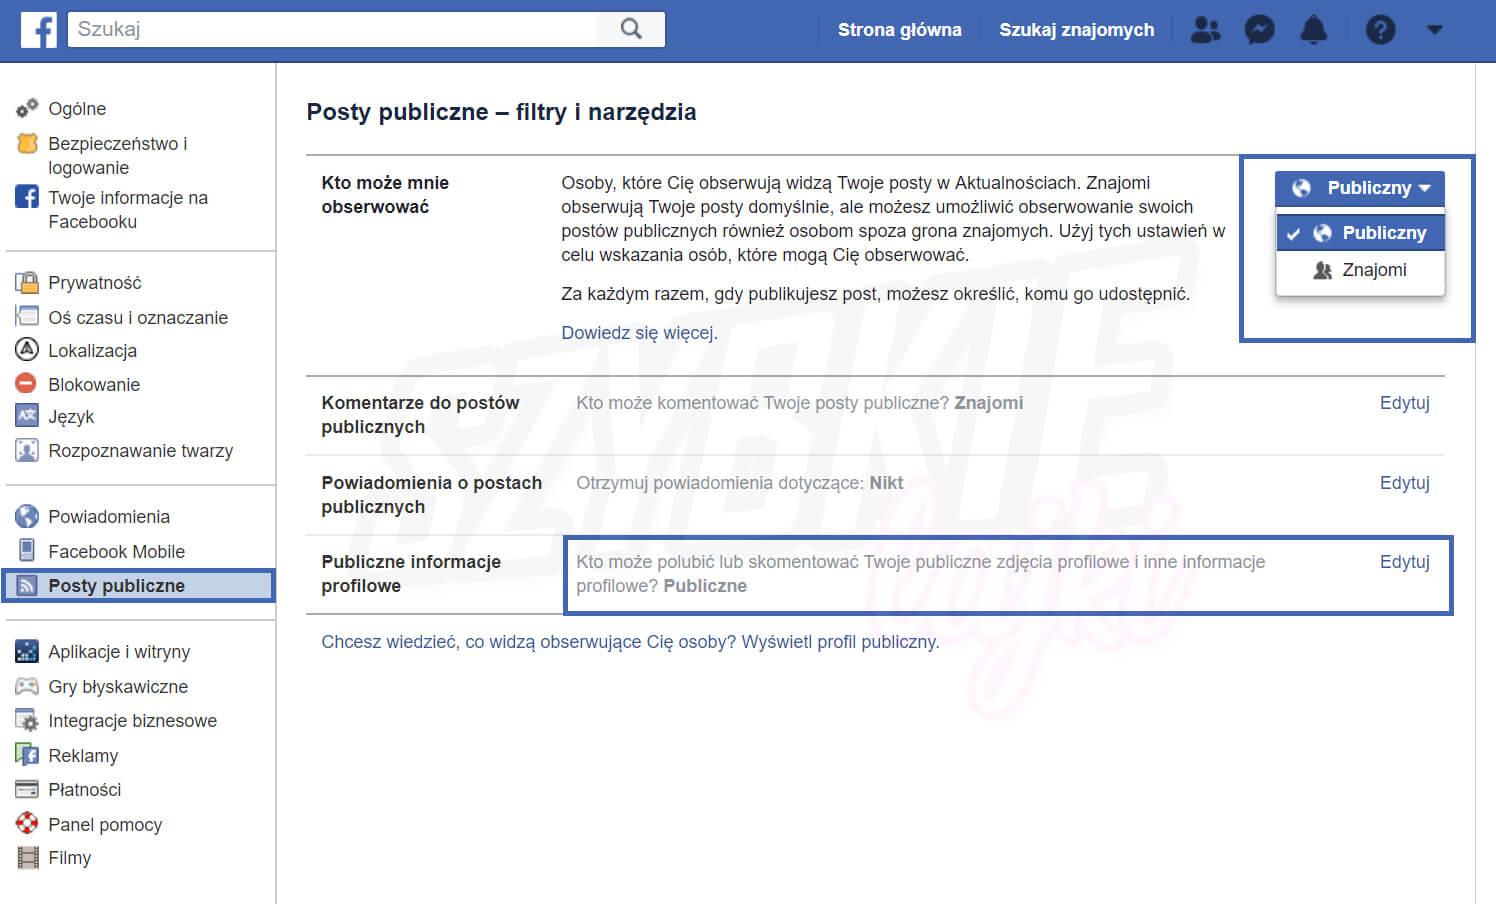 jak zmienić ustawienia prywatności na facebooku